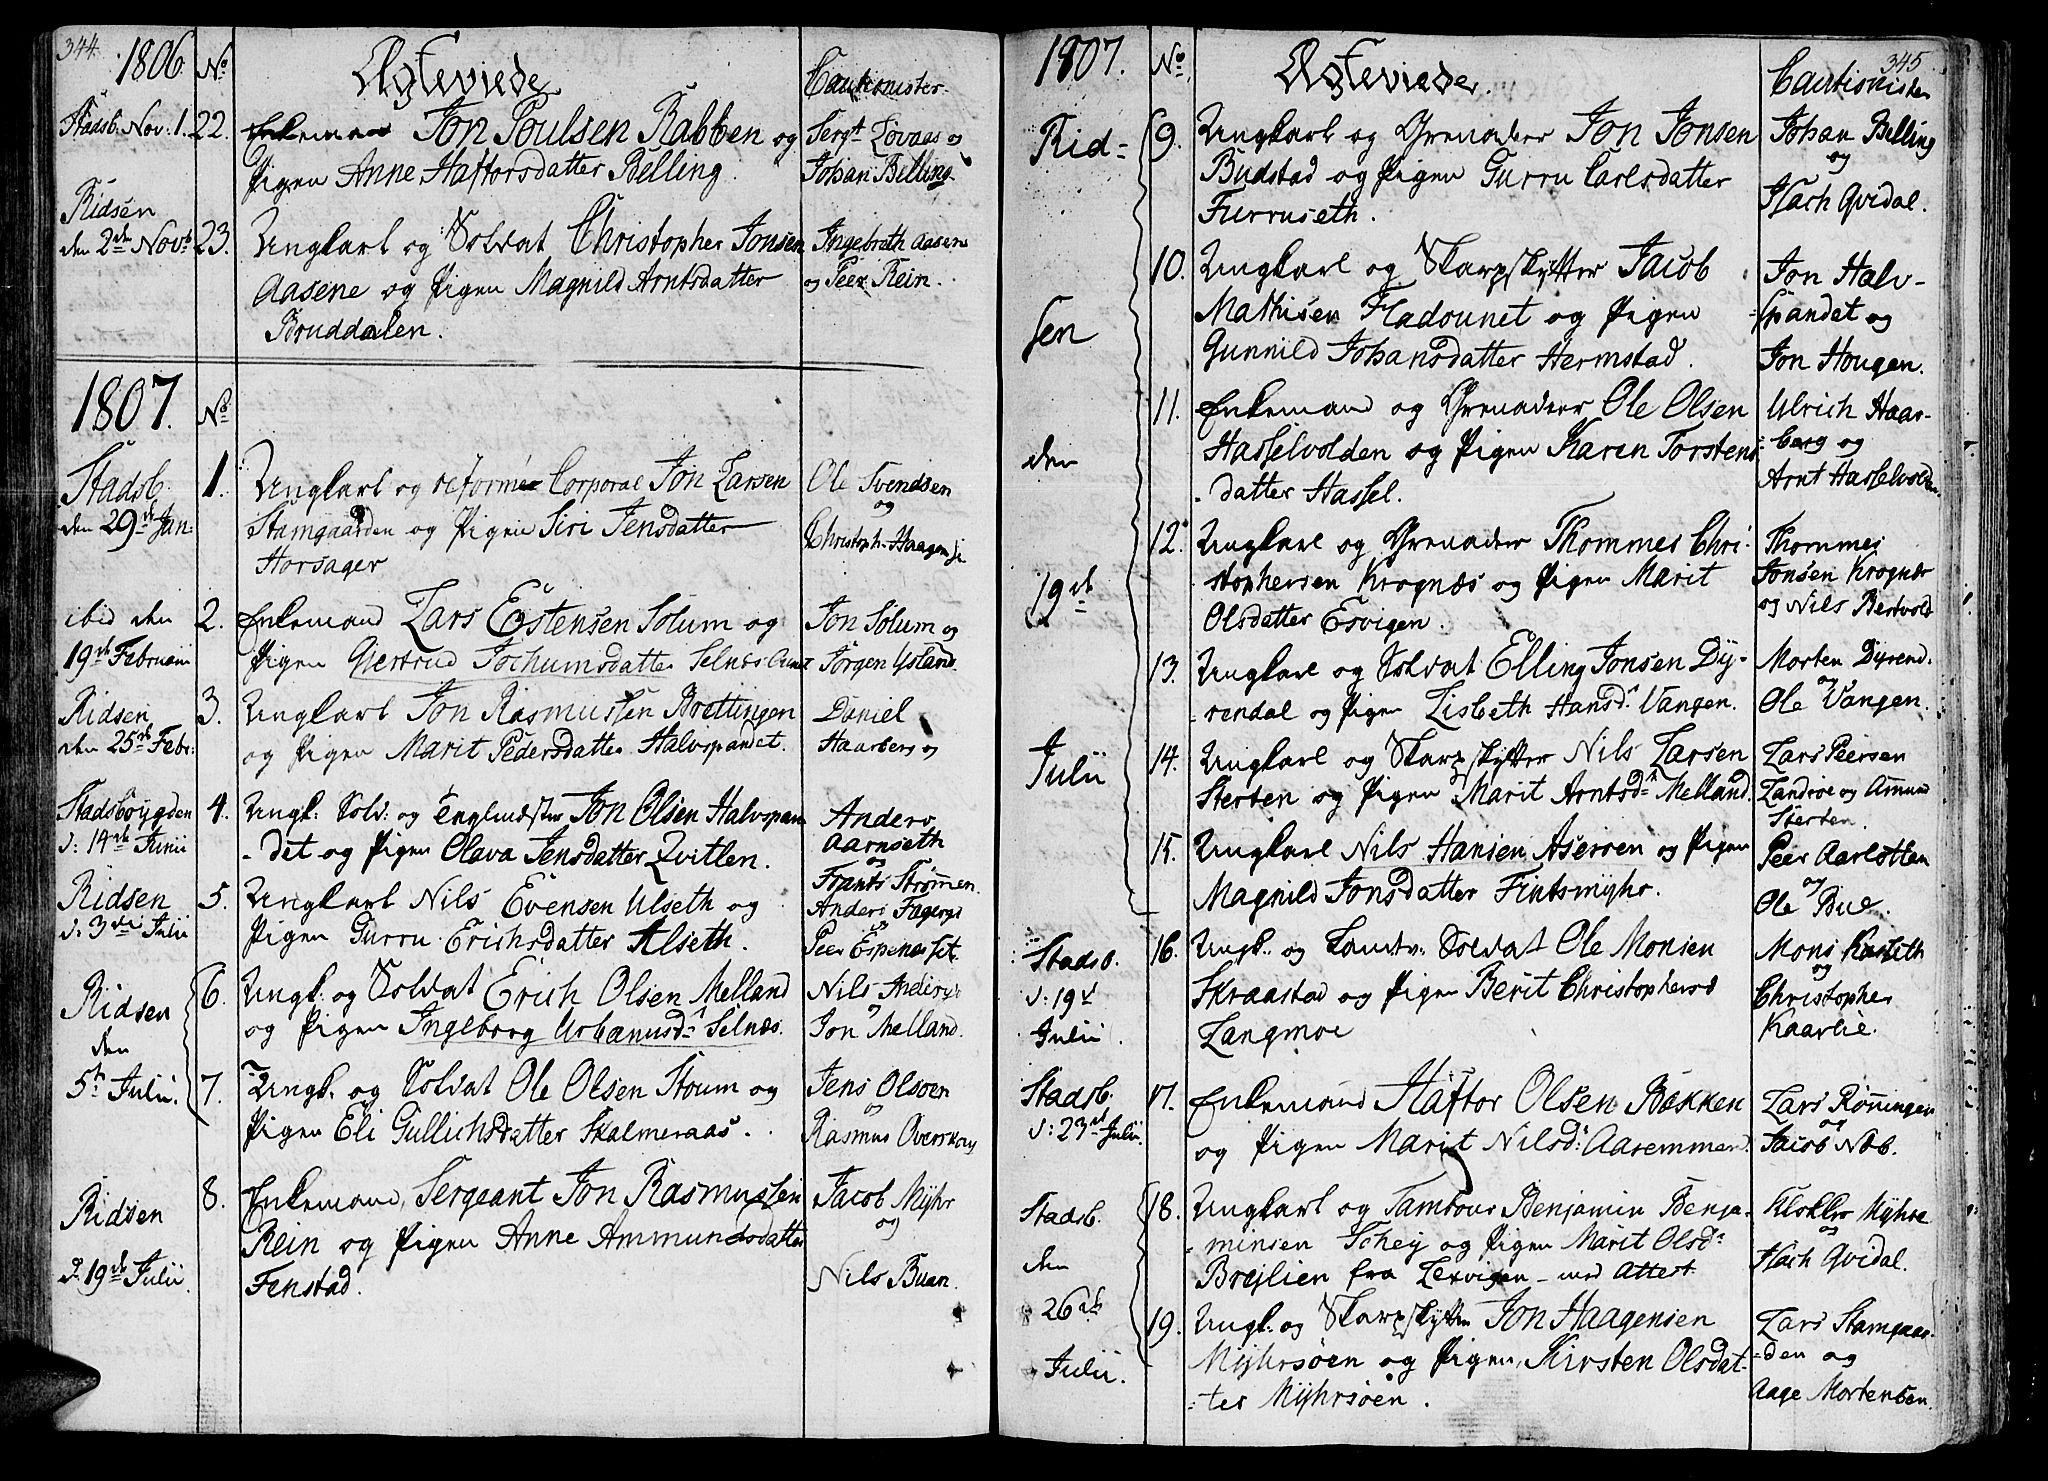 SAT, Ministerialprotokoller, klokkerbøker og fødselsregistre - Sør-Trøndelag, 646/L0607: Ministerialbok nr. 646A05, 1806-1815, s. 344-345